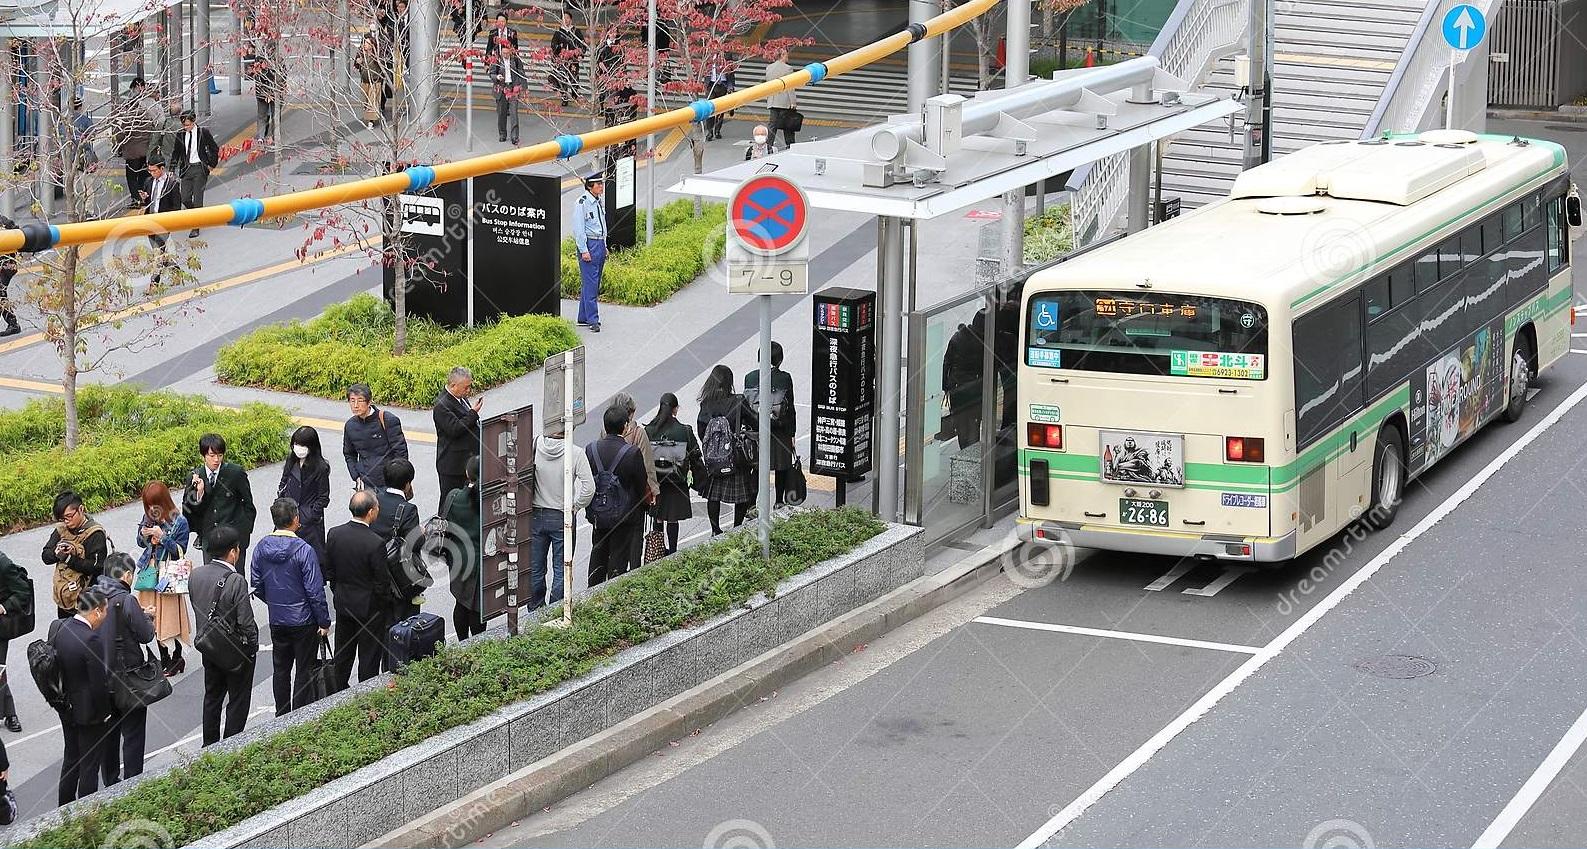 Inilah Fakta Menarik Bus di Jepang 7